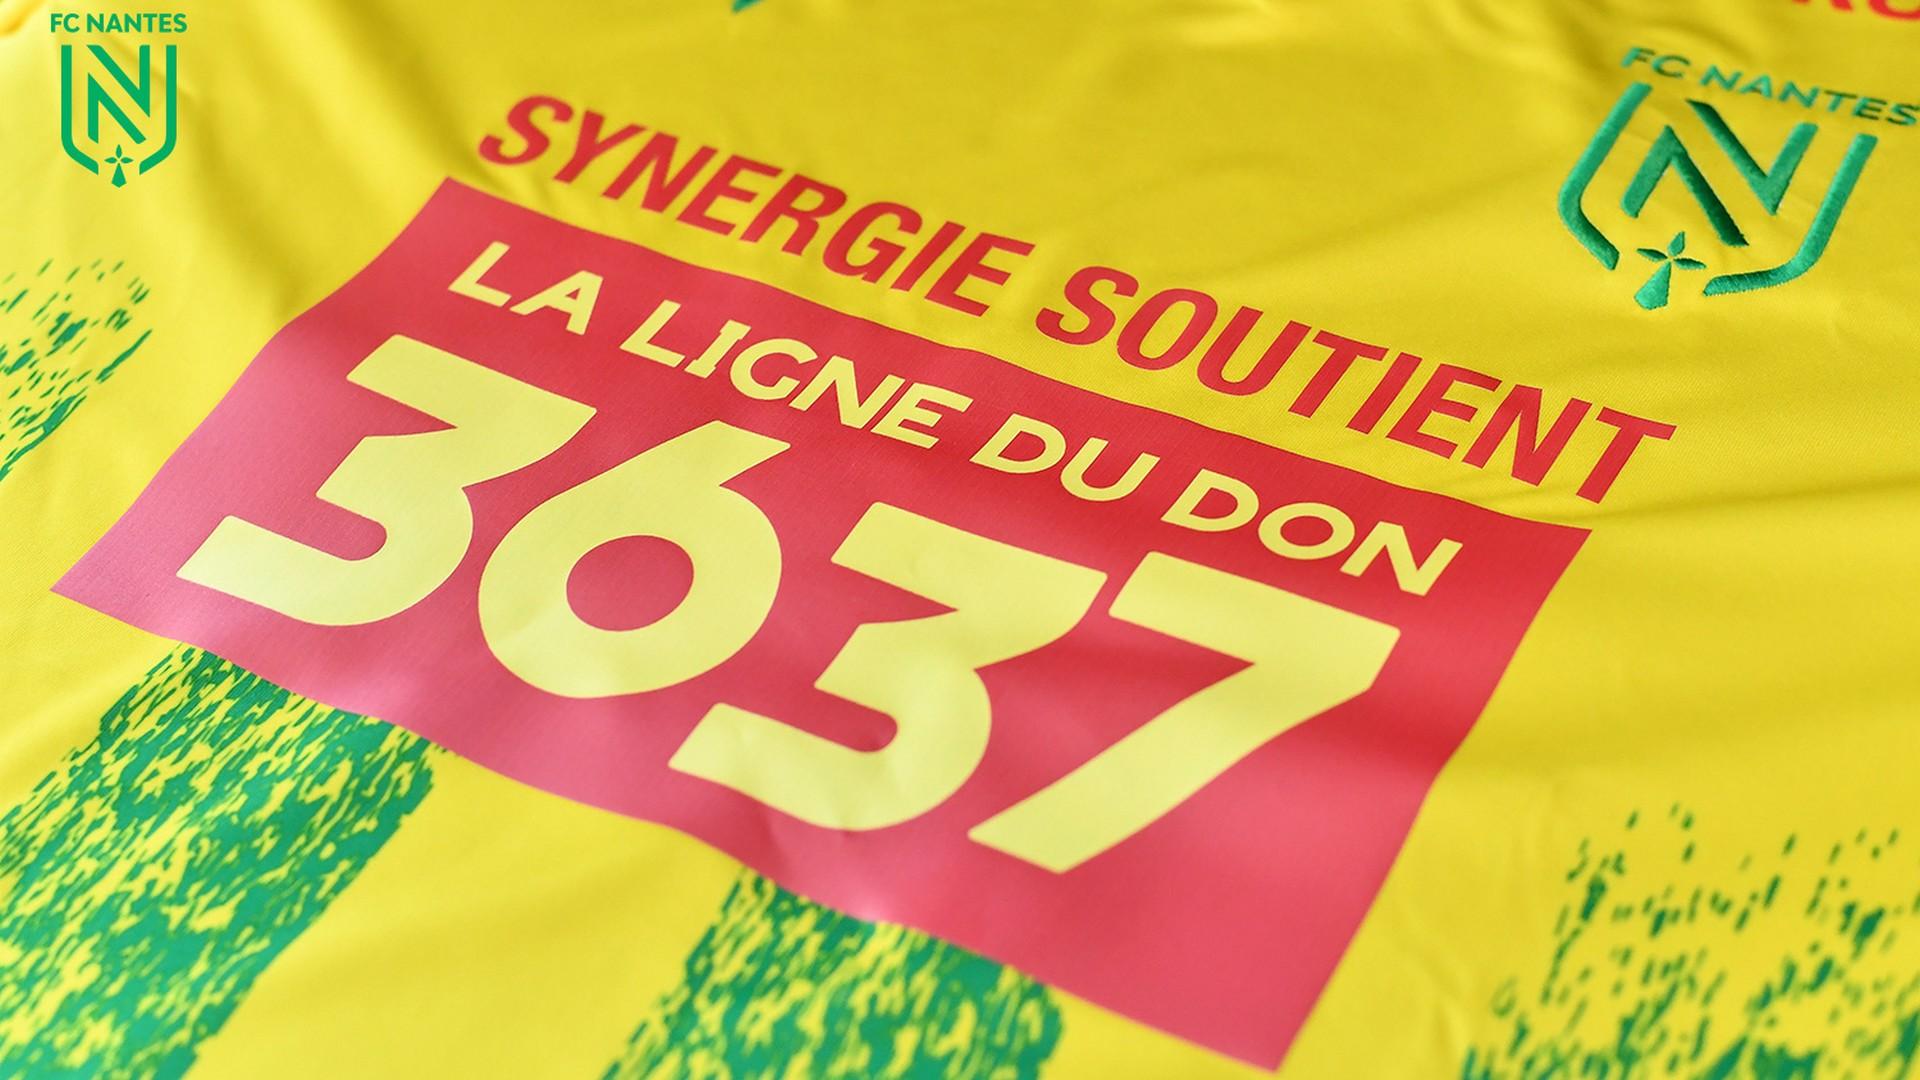 FC Nantes – Synergie – Téléthon 2020